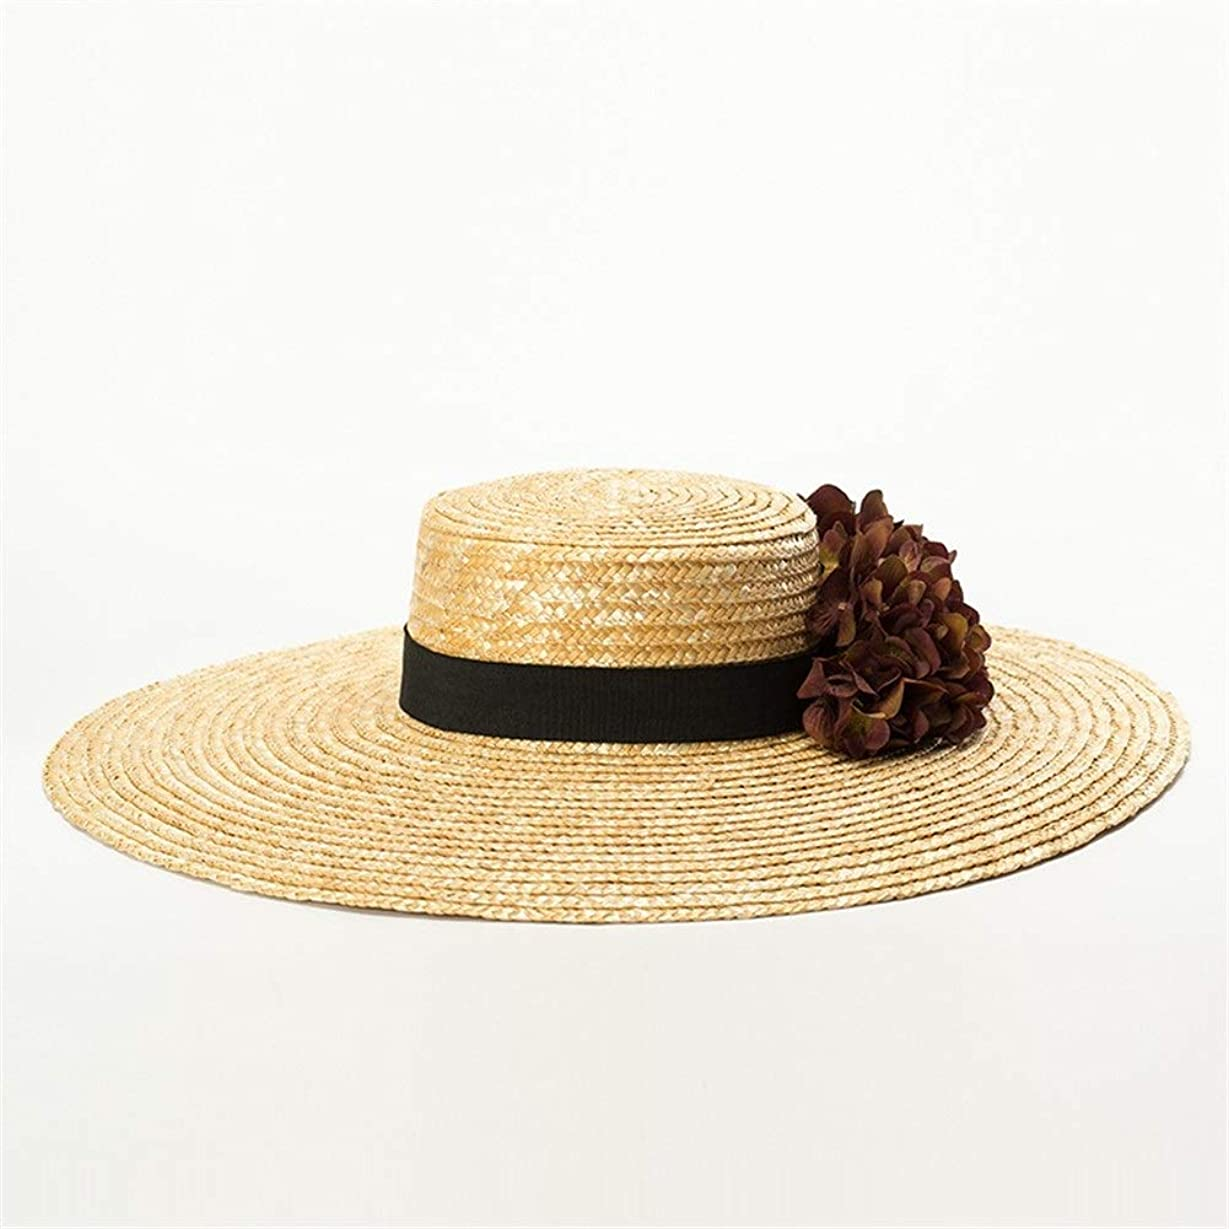 芝生ボルト優遇大きい花の装飾天然麦わら草フラットシルクハット春と夏の日焼け止めサンシェードビーチフラット麦わら帽子